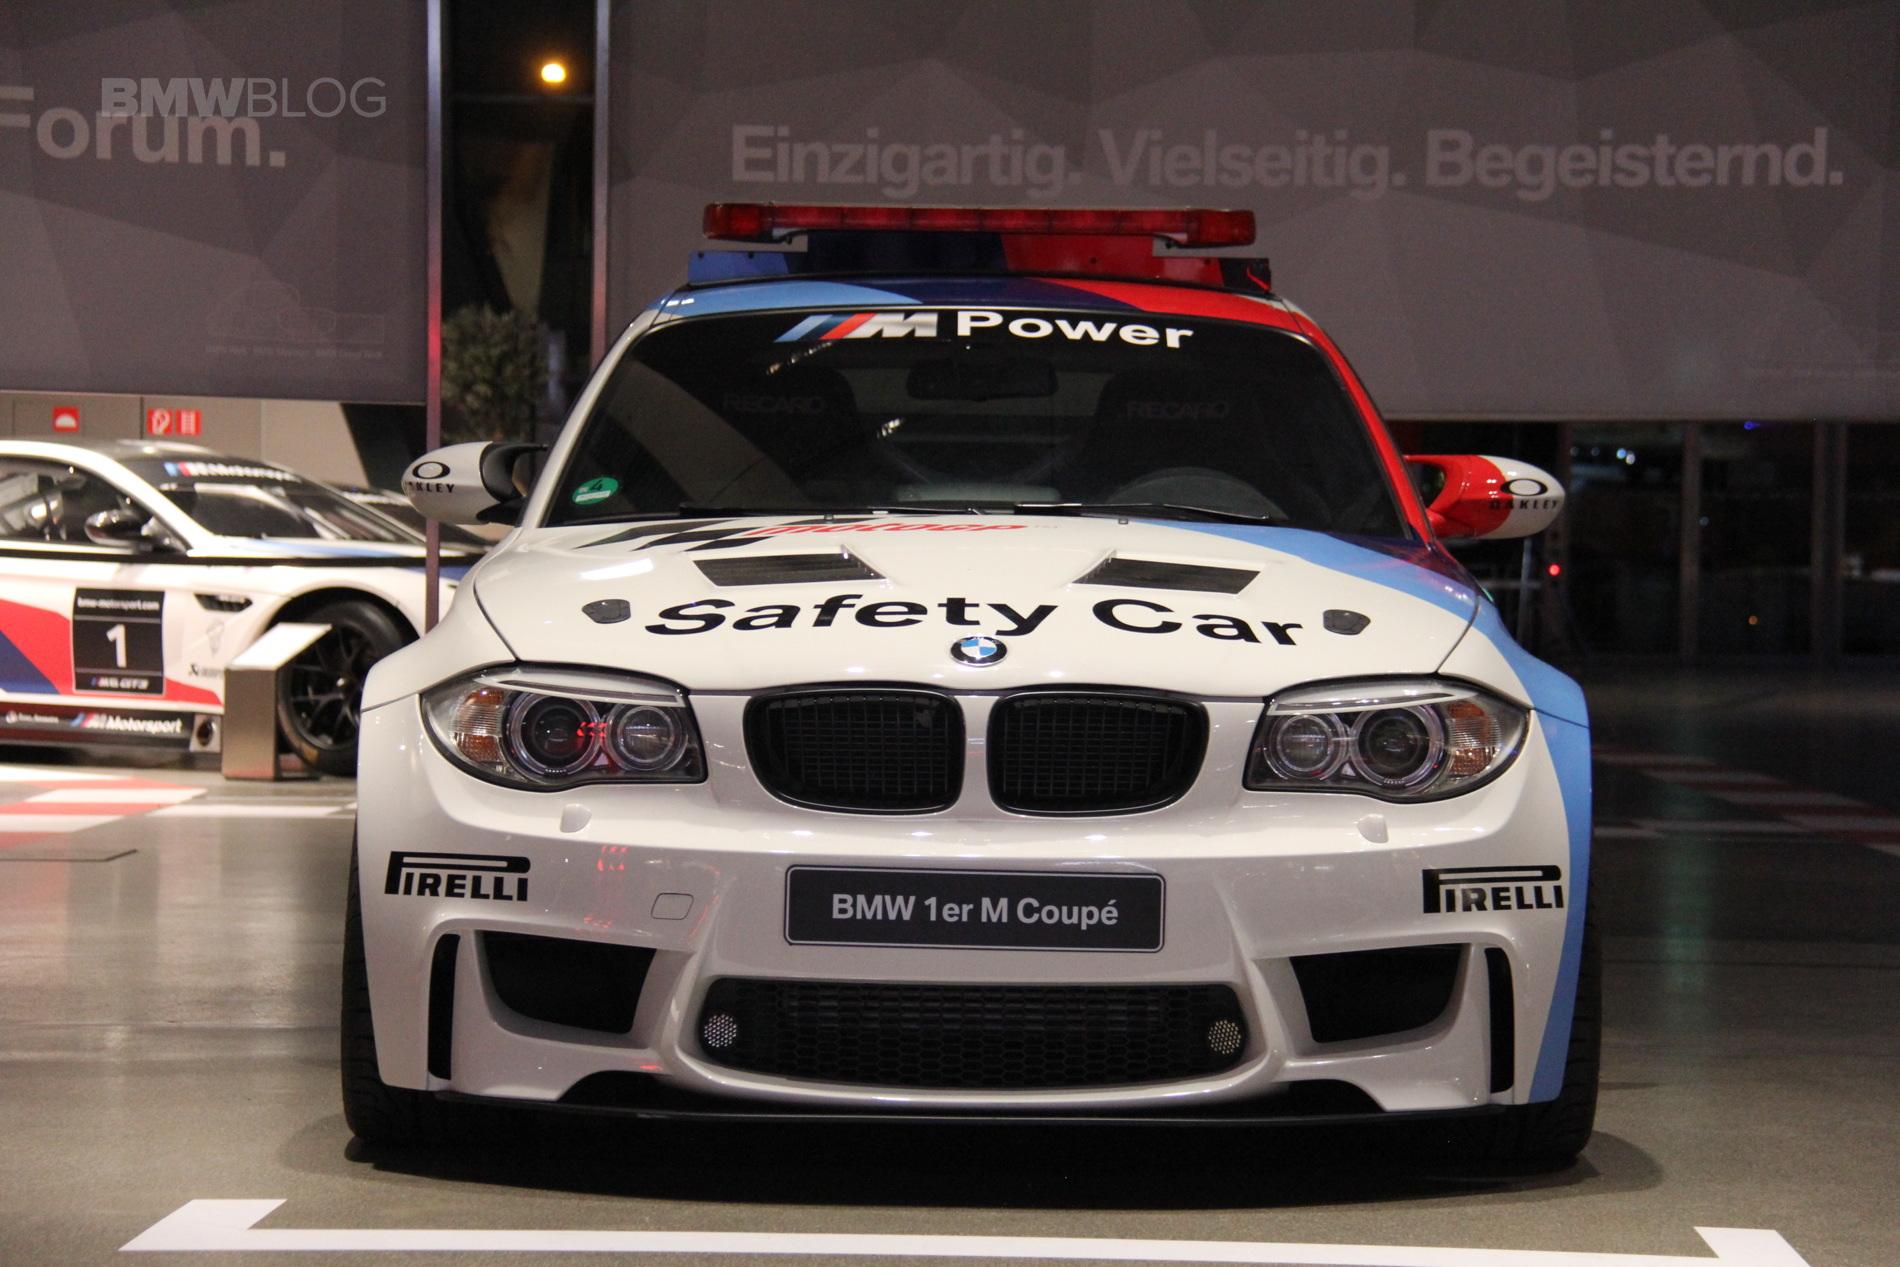 BMW Motorsport Days BMW Welt 35